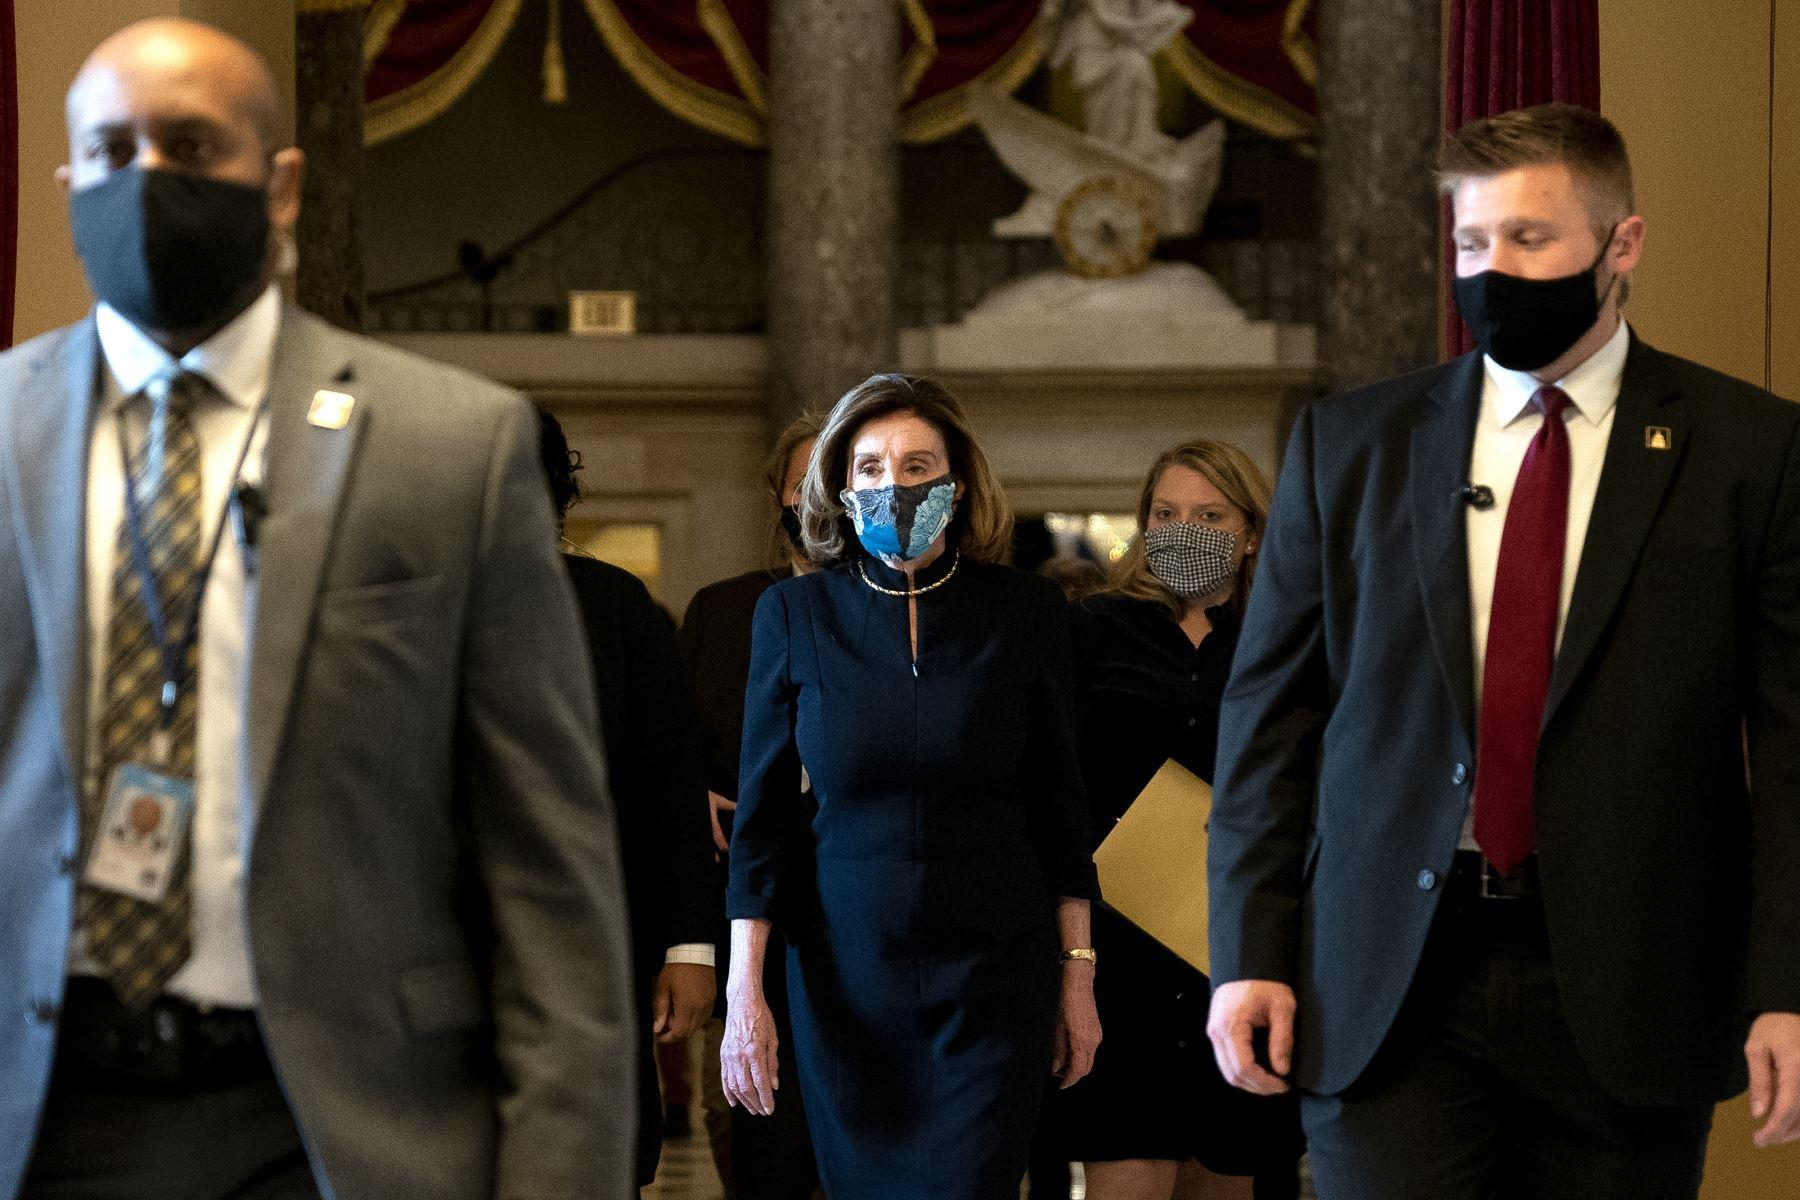 La presidenta de la Cámara de Representantes, Nancy Pelosi, usa una máscara protectora mientras camina hacia el piso de la Cámara durante una votación sobre la acusación del presidente Donald Trump en el Capitolio de los Estados Unidos Foto: AFP